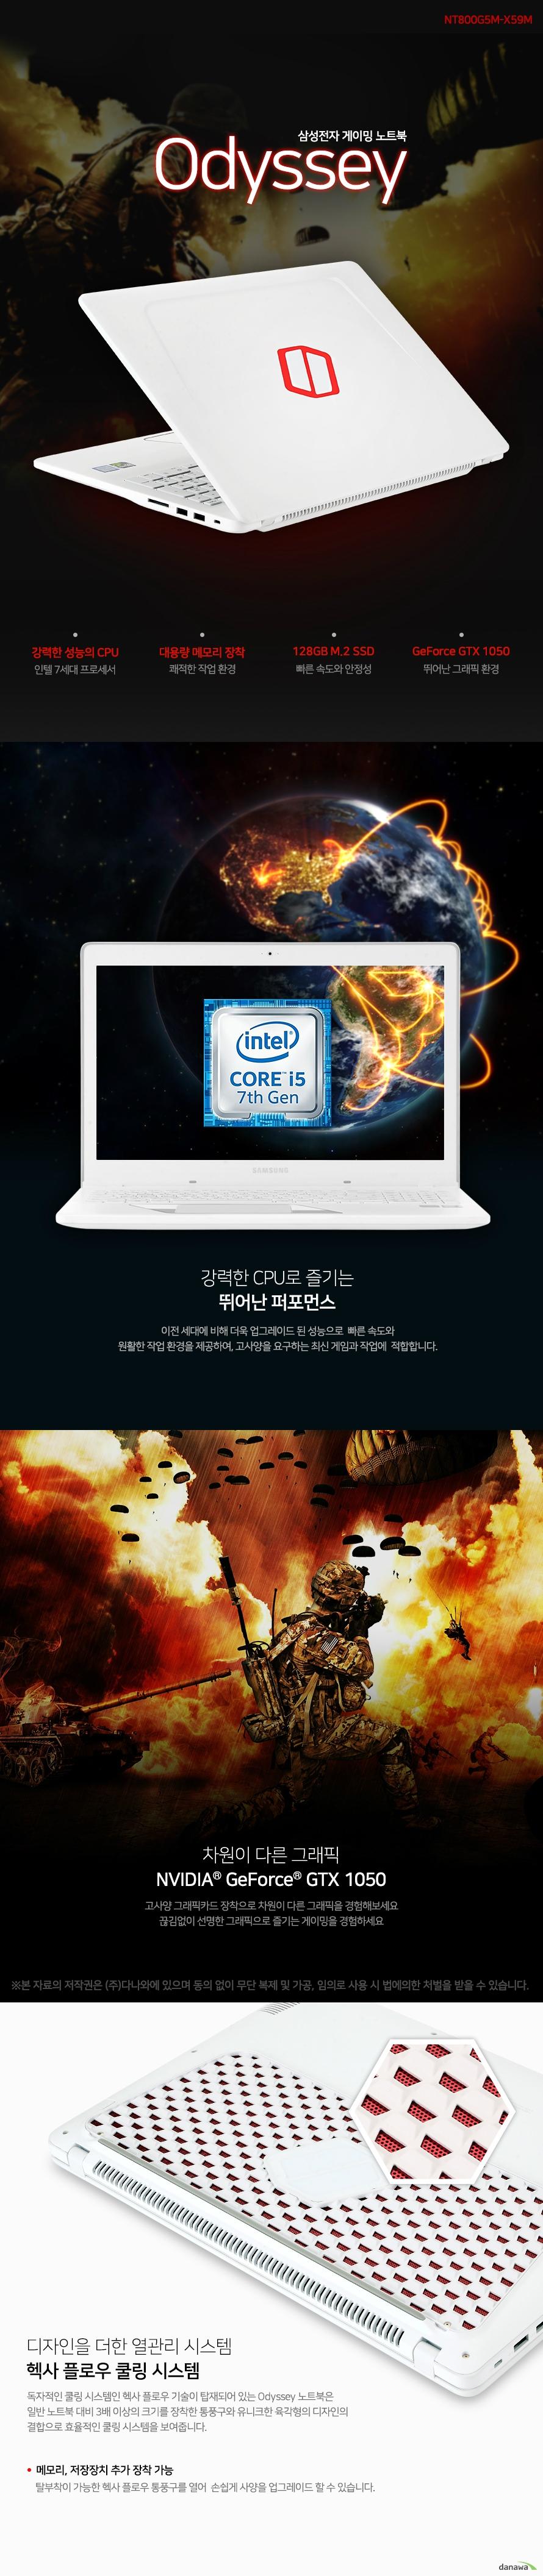 삼성전자 게이밍 노트북 odyssey  강력한 성능의 cpu 인텔 7세대 프로세서   대용량 메모리 장착 쾌적한 작업환경  128gb m.2 ssd 빠른속도의 안정성  지포스 gtx 1050 뛰어난 그래픽 환경   강력한 CPU로 즐기는 뛰어난 퍼포먼스  이전 세대에 비해 더욱 업그레이드 된 성능으로  빠른 속도와  원활한 작업 환경을 제공하여, 고사양을 요구하는 최신 게임과 작업에  적합합니다.    차원이 다른 그래픽 NVIDIA GeForce GTX 1050  고사양 그래픽카드 장착으로 차원이 다른 그래픽을 경험해보세요 끊김없이 선명한 그래픽으로 즐기는 게이밍을 경험하세요   디자인을 더한 열관리 시스템 헥사 플로우 쿨링 시스템 독자적인 쿨링 시스템인 헥사 플로우 기술이 탑재되어 있는 Odyssey 노트북은 일반 노트북 대비 3배 이상의 크기를 장착한 통풍구와 유니크한 육각형의 디자인의 결합으로 효율적인 쿨링 시스템을 보여줍니다.     메모리, 저장장치 추가 장착 가능 탈부착이 가능한 헥사 플로우 통풍구를 열어  손쉽게 사양을 업그레이드 할 수 있습니다.     더 넓게, 선명하게 36.9cm, 광시야각 패널 36.9cm, 광시야각 패널이 적용된 노트북으로 더욱더 현장감 있는 생생한 화면을 즐길 수 있습니다. 광시야각 패널로 어느 각도에서도 동일하게 왜곡없는 선명한 화면을 볼 수 있습니다.   게이밍에 최적화 된 디자인 백라이트 키보드  손가락 곡선에 맞춰진 커브드 키캡 디자인과 게이밍 시 가장 많이 사용하는  WASD 부각 조명 지원으로 게이밍에 최적화 된 디자인을 보여줍니다.   확장포트 사이즈  스펙